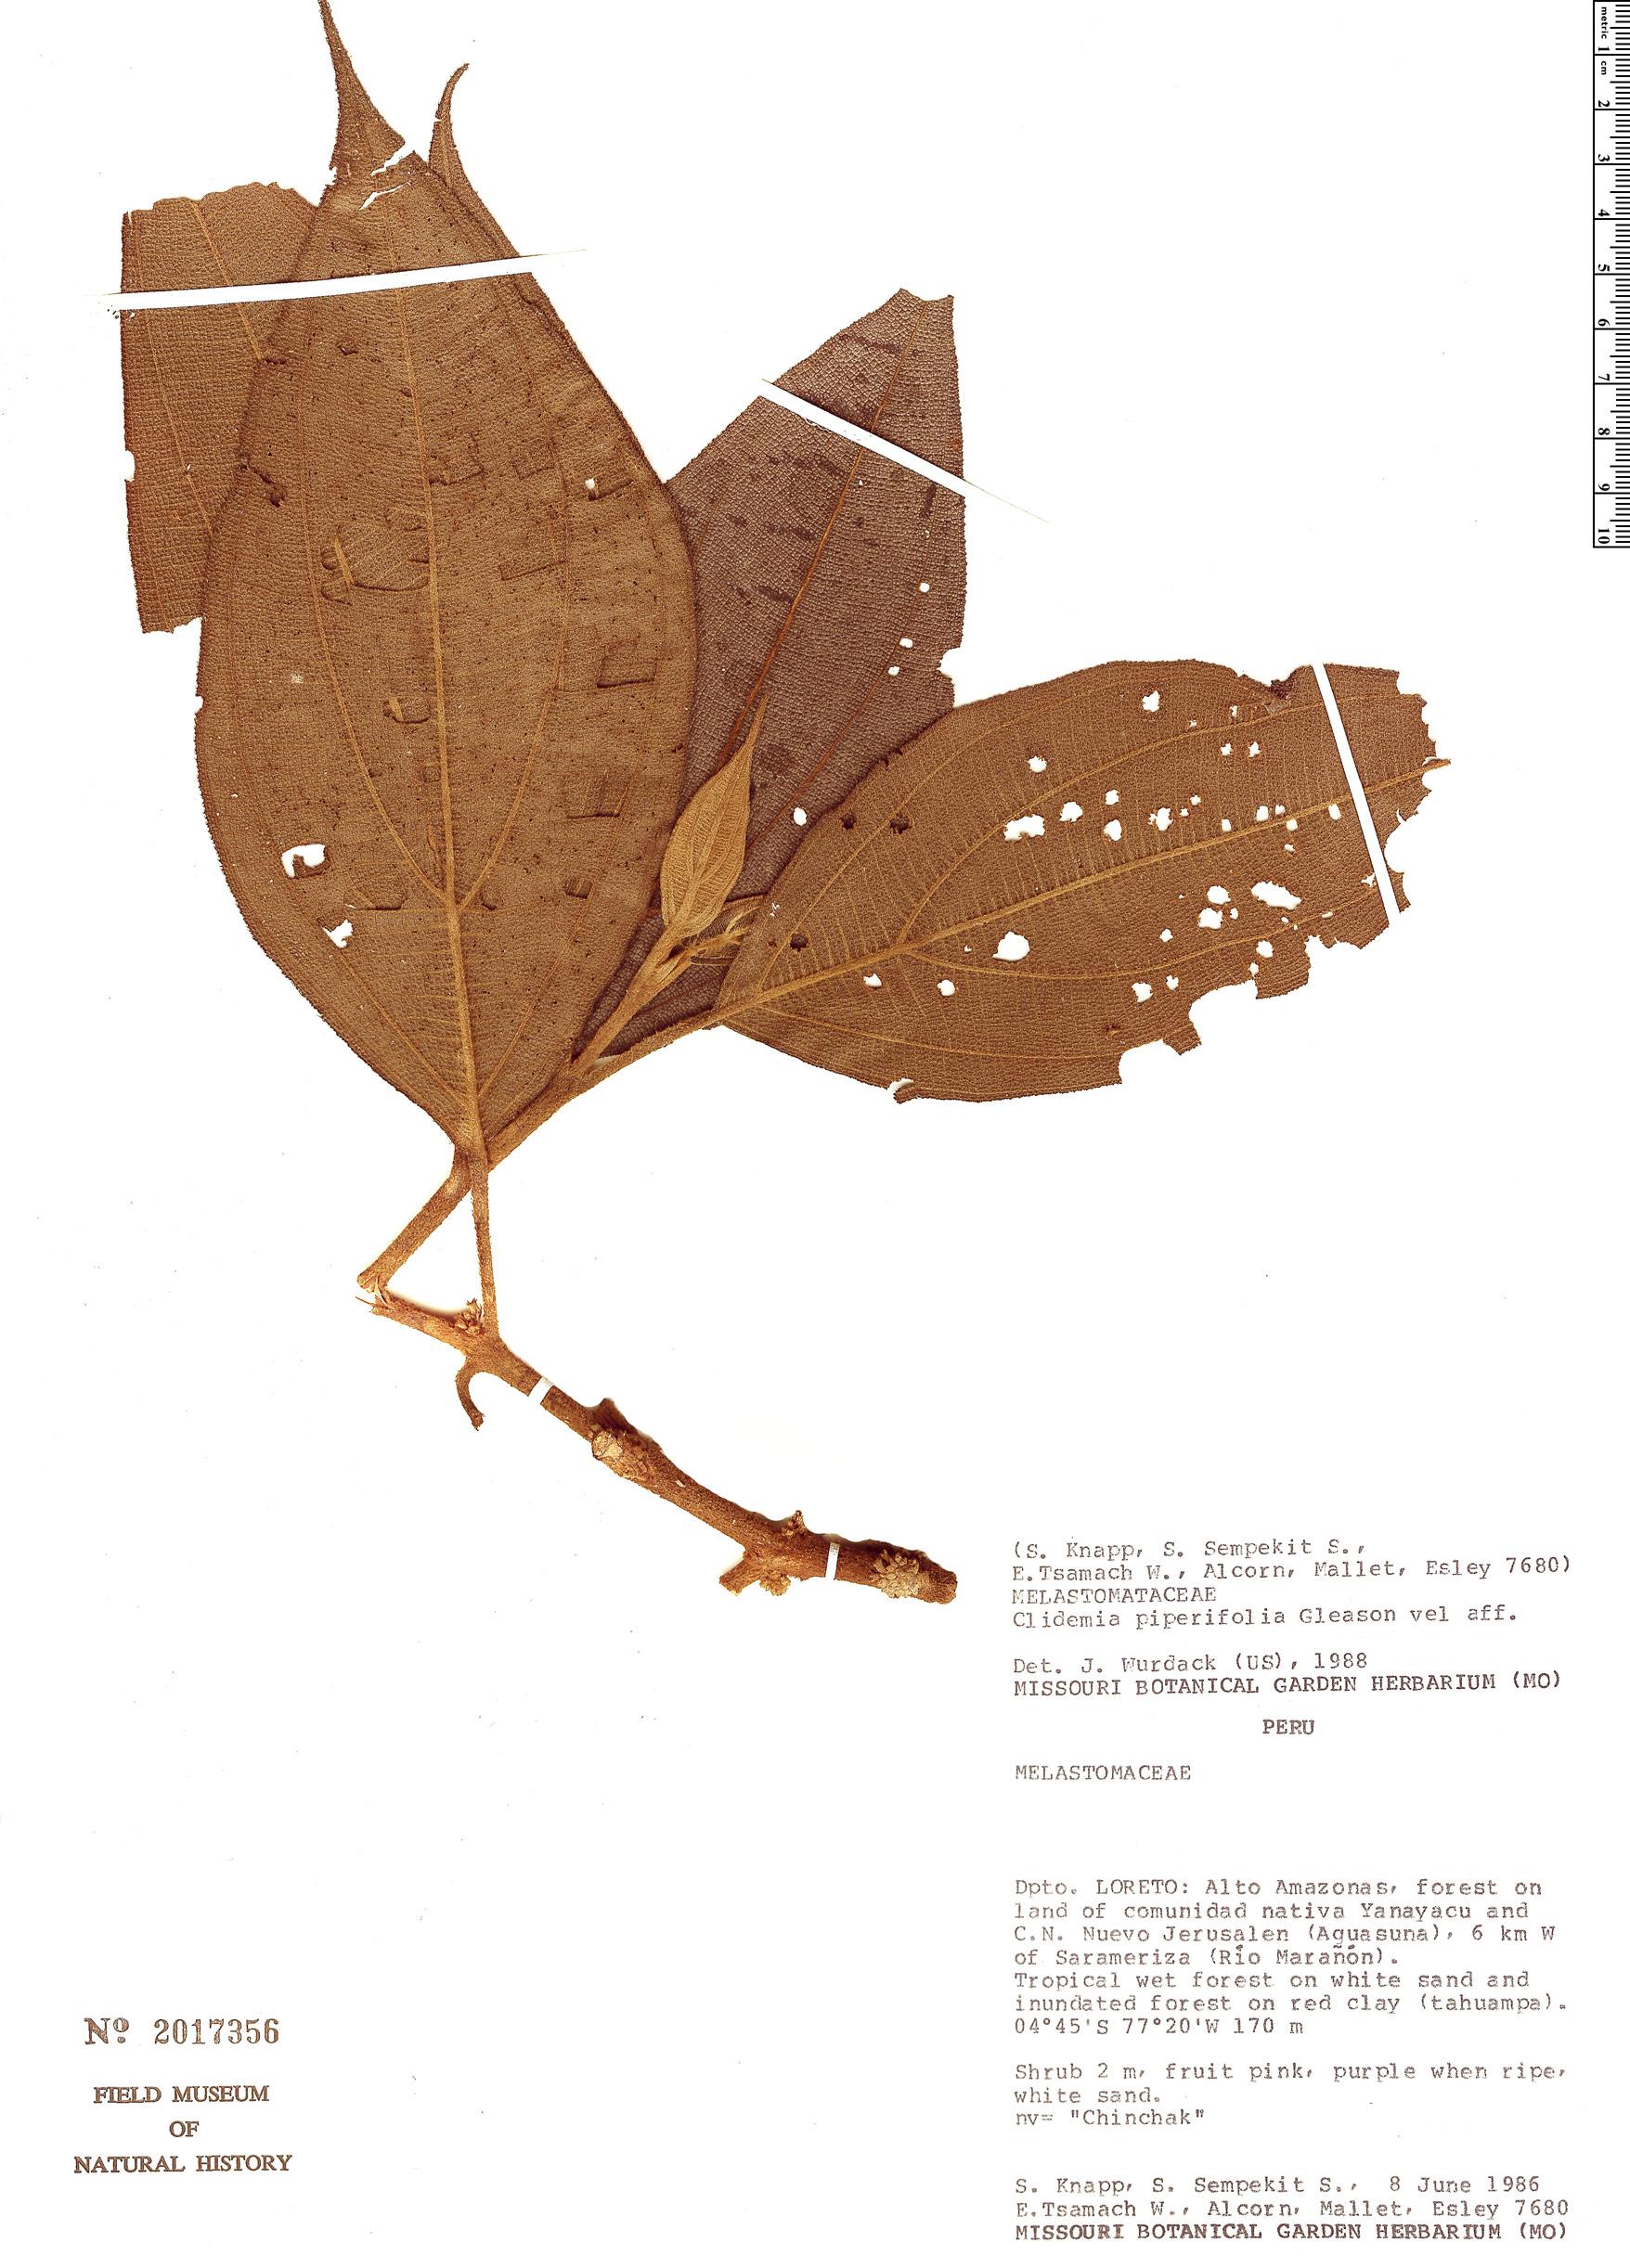 Espécime: Clidemia piperifolia